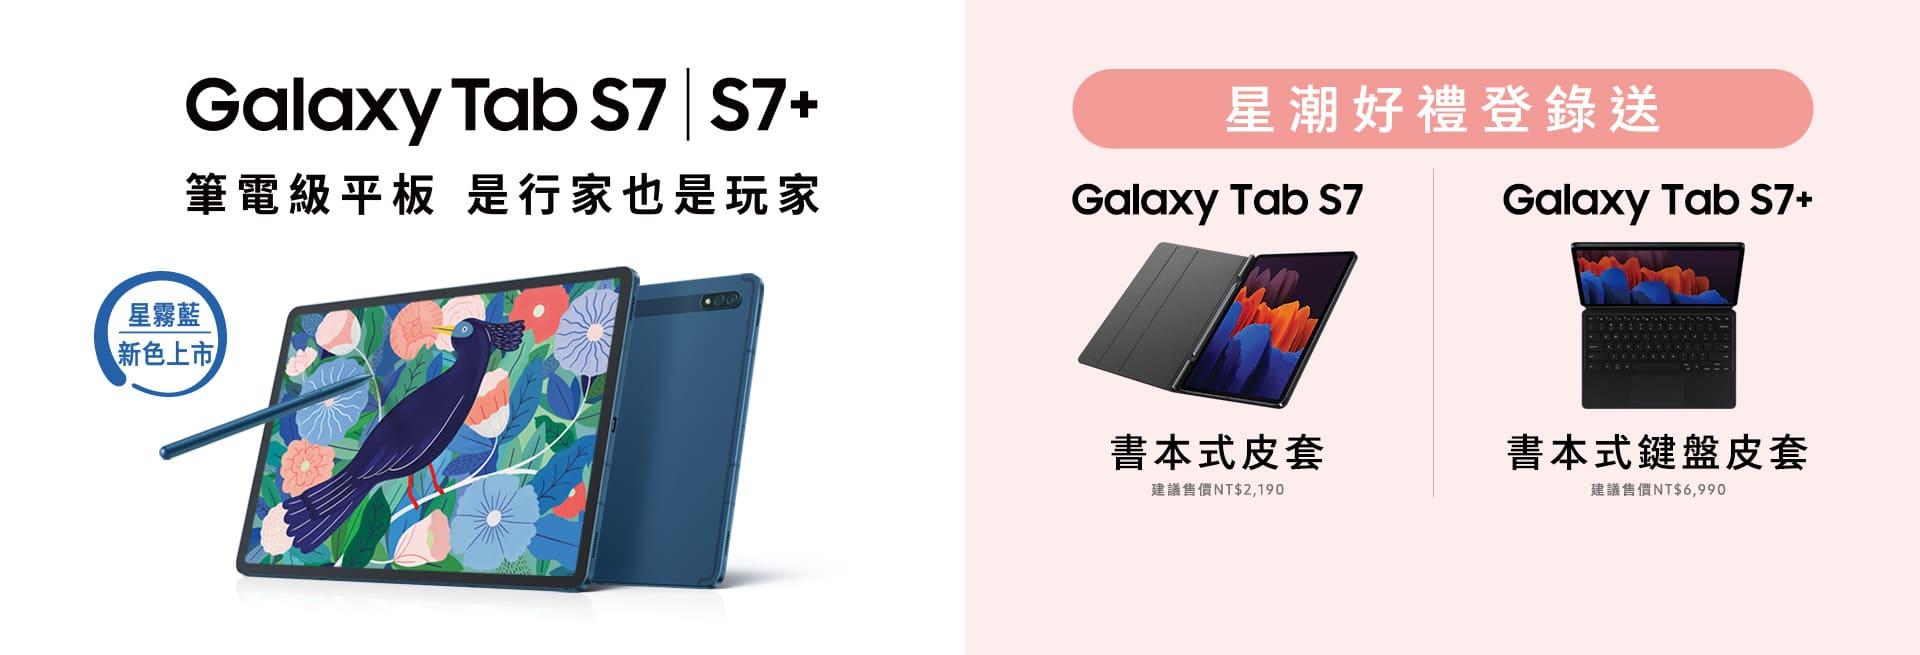 2021 Samsung Galaxy Tab 系列星潮好禮登錄送